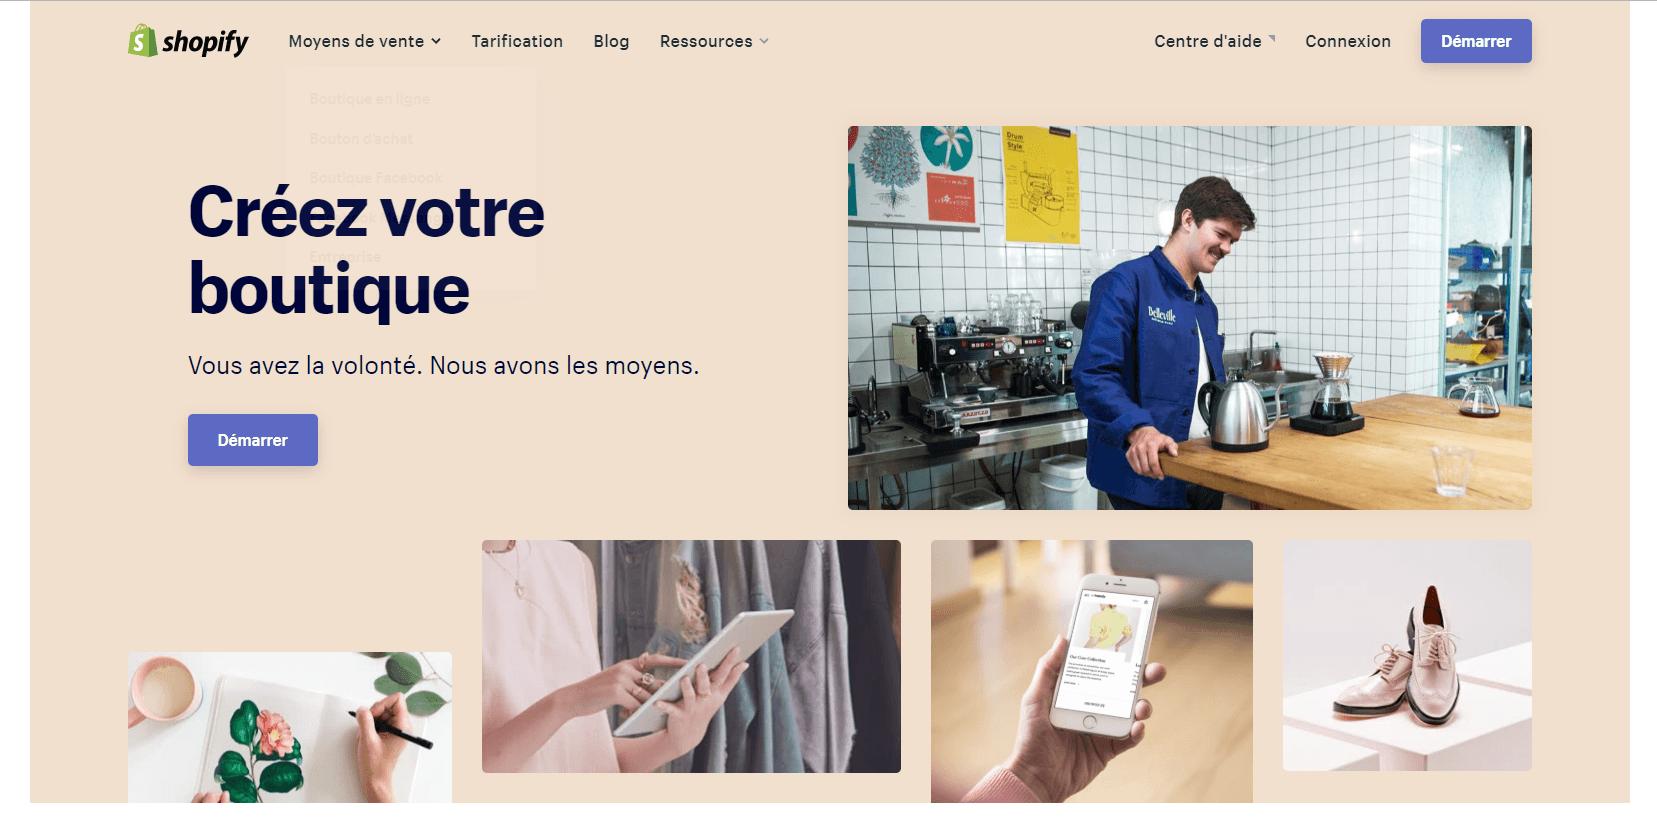 shopify pour ouvrir une boutique en ligne